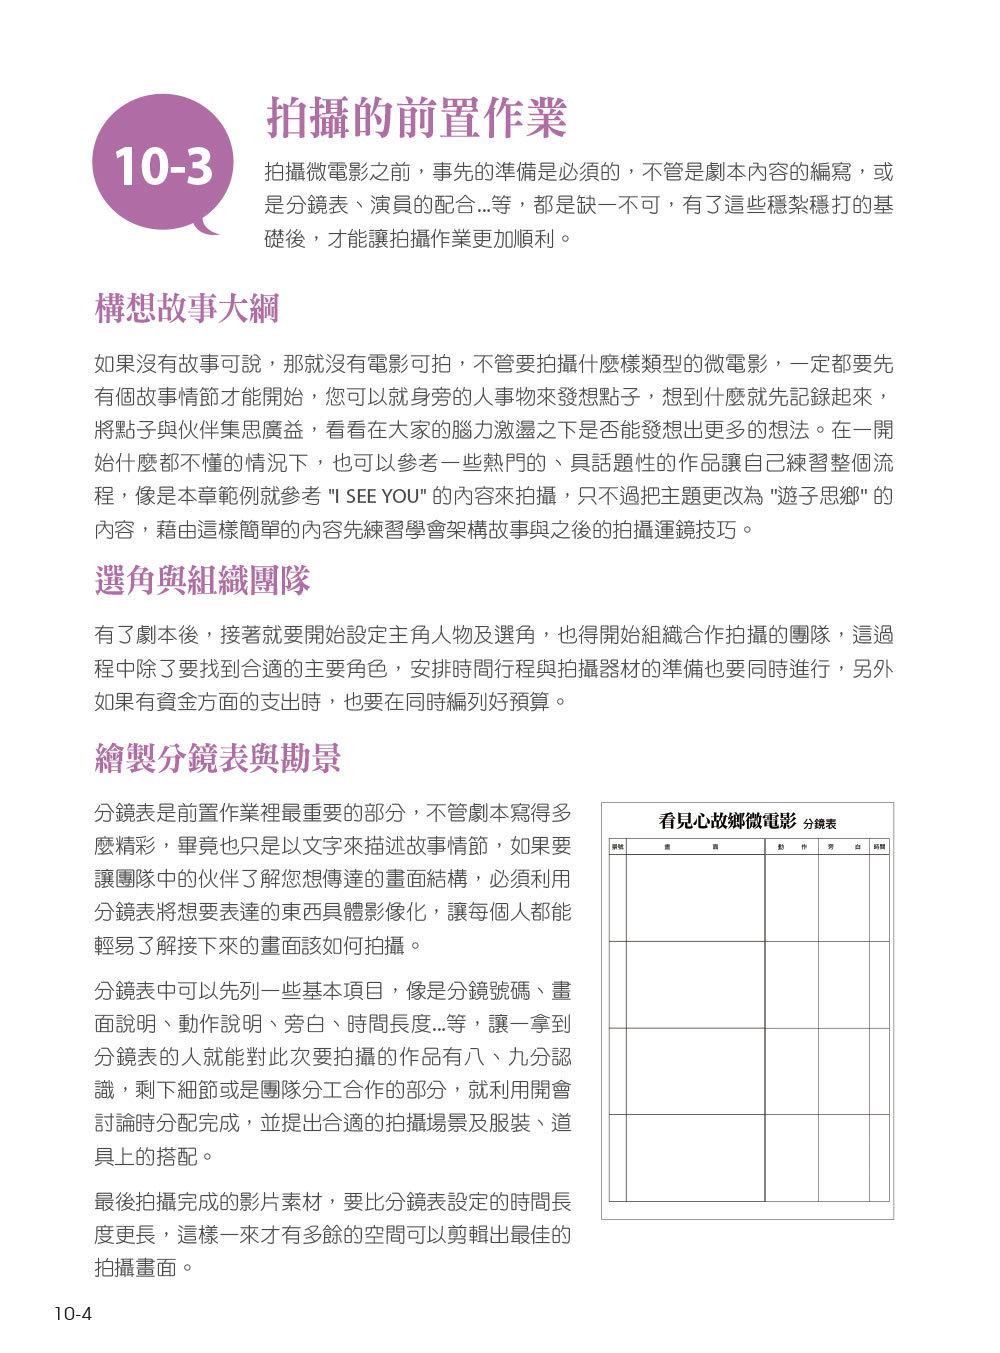 快快樂樂學威力導演15 - 影片/MV剪輯活用情報特蒐-preview-11